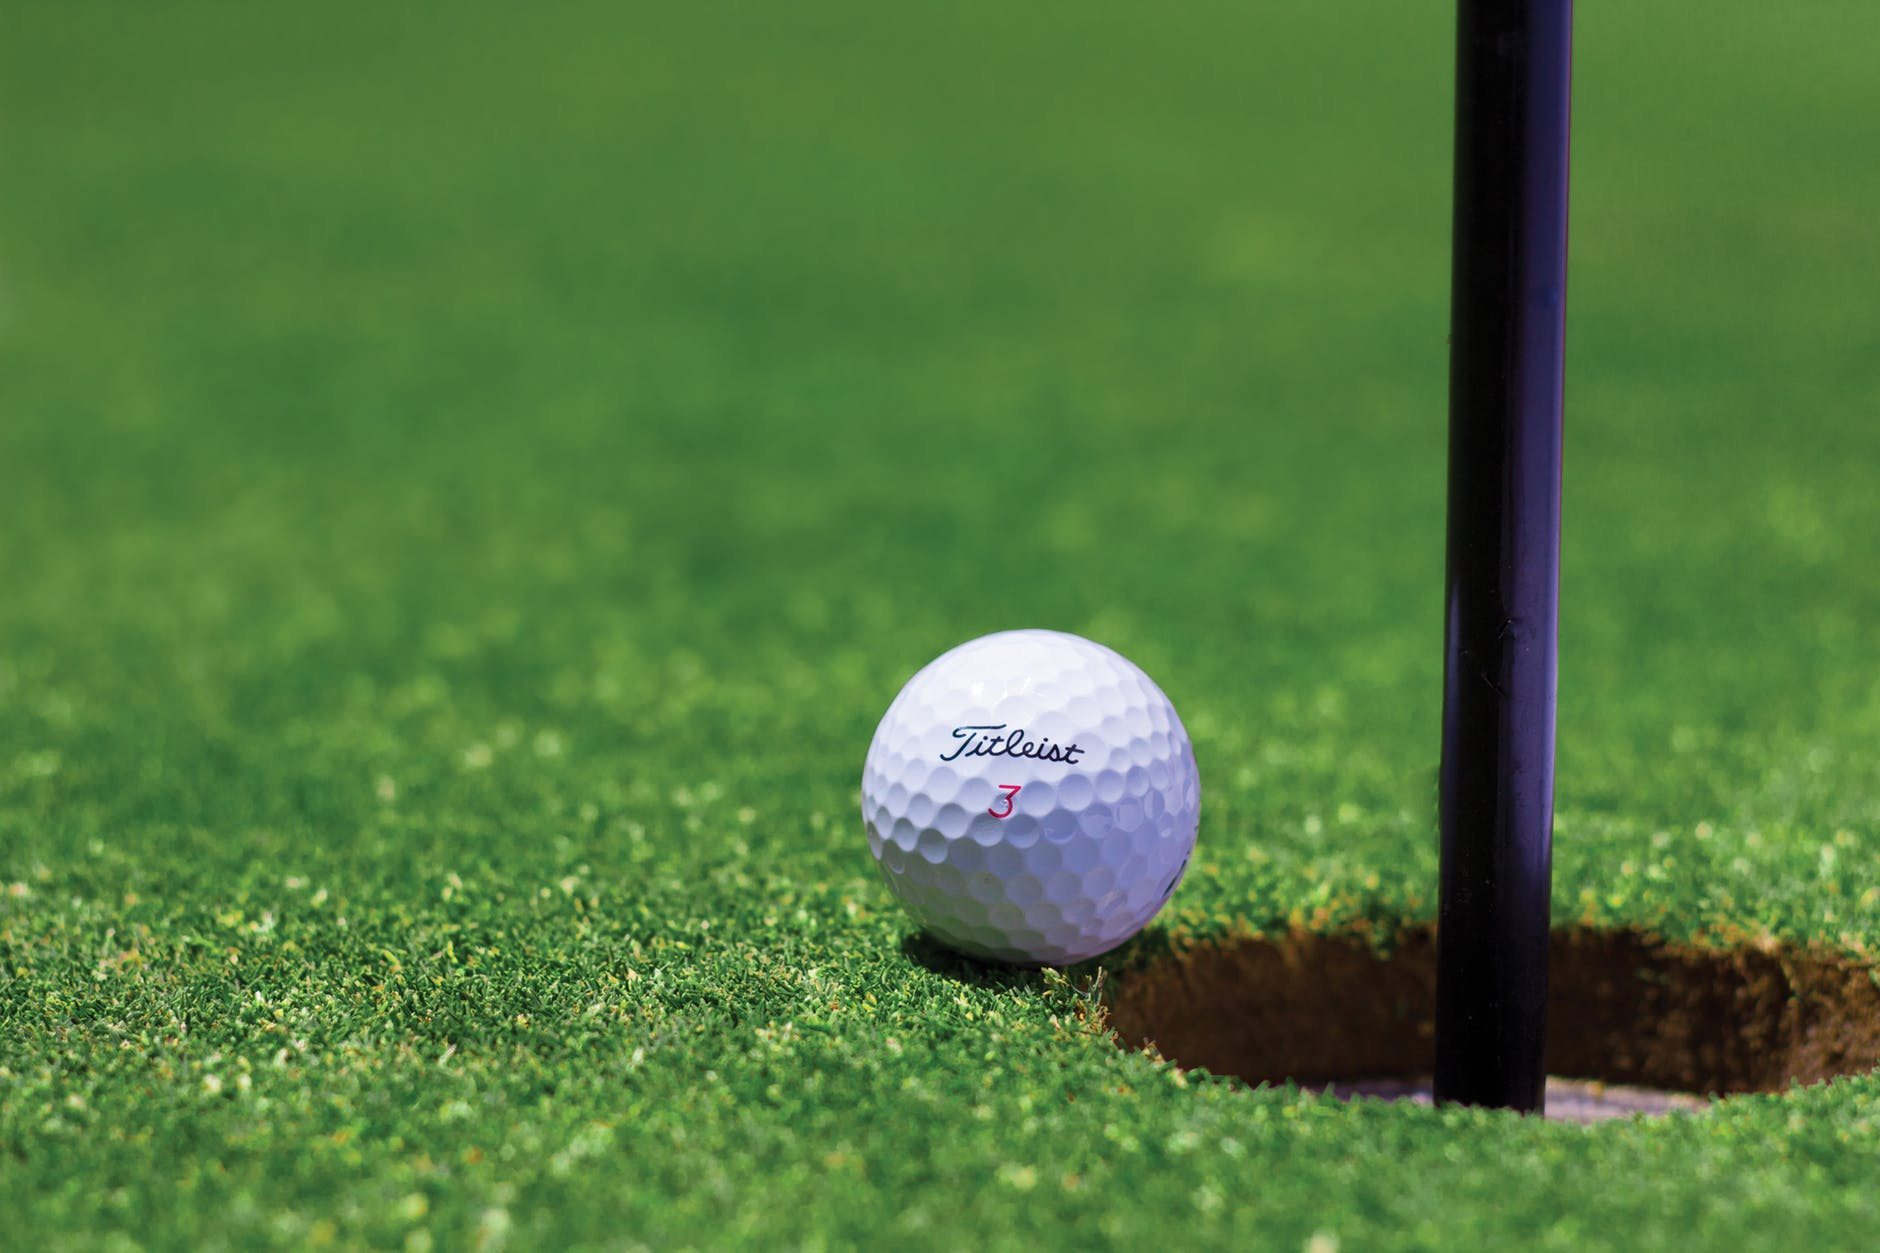 asscociation Amateur golfers